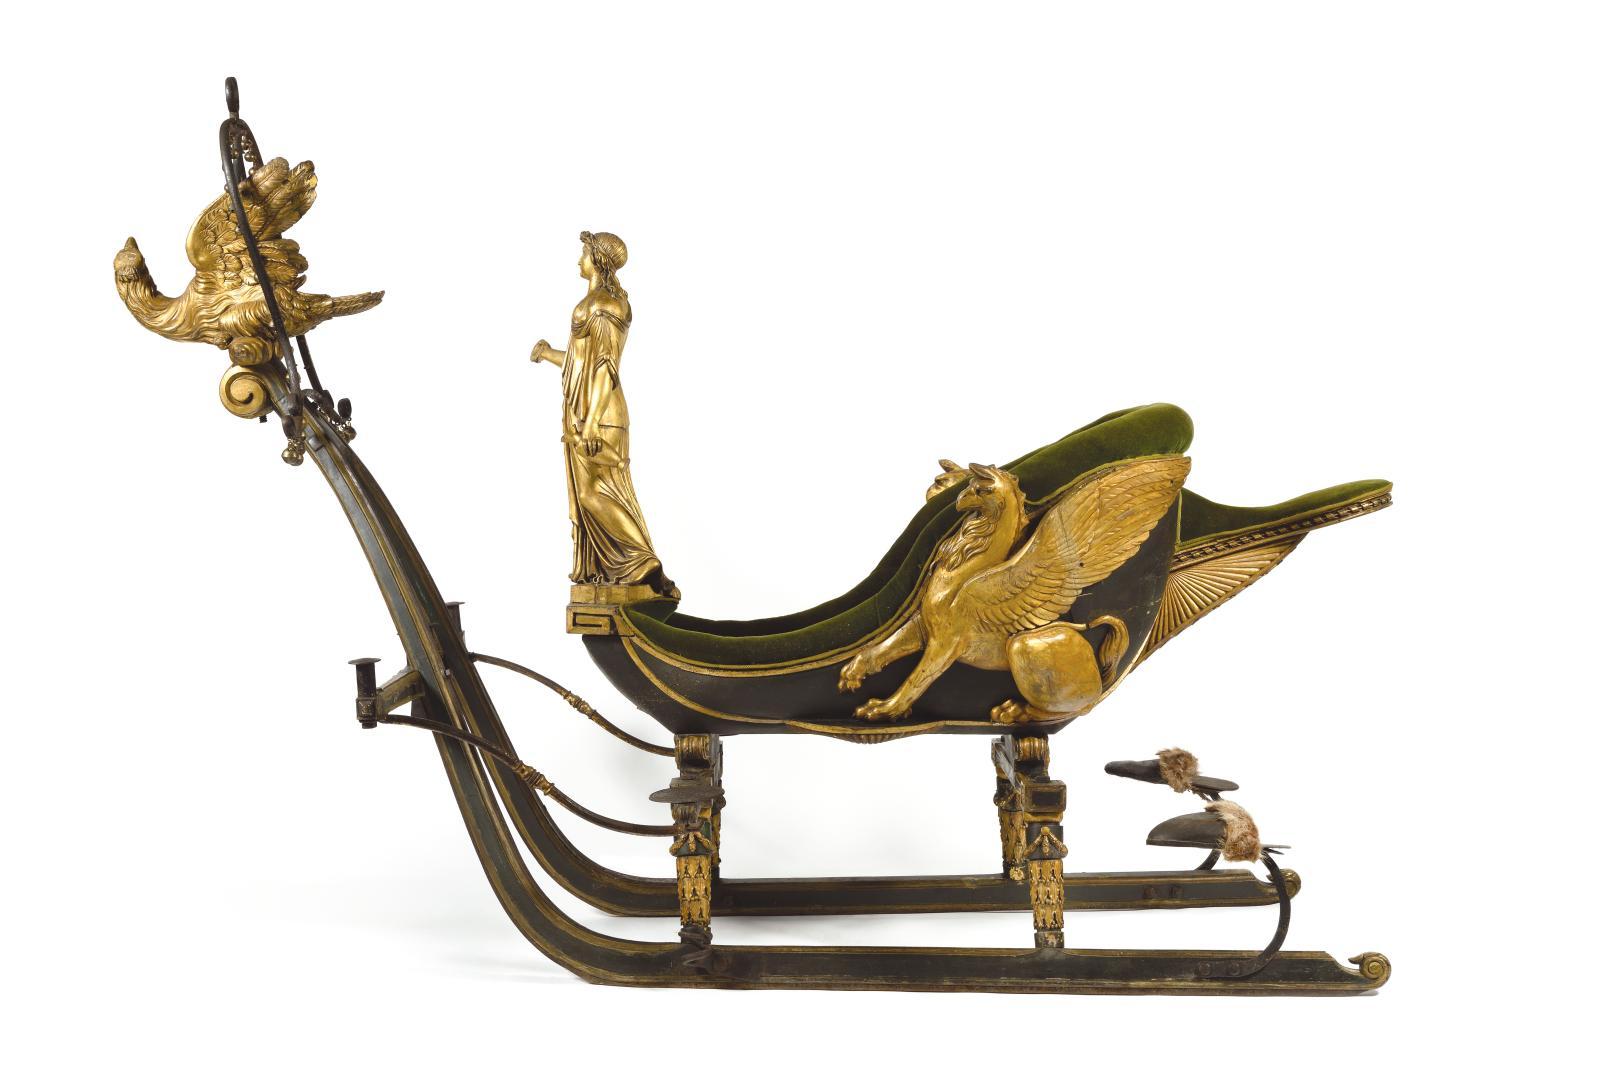 Après les maquettes de véhicules préemptés auprès de la même maison le 18avril dernier (voir Gazette n°16, page67), le musée national d